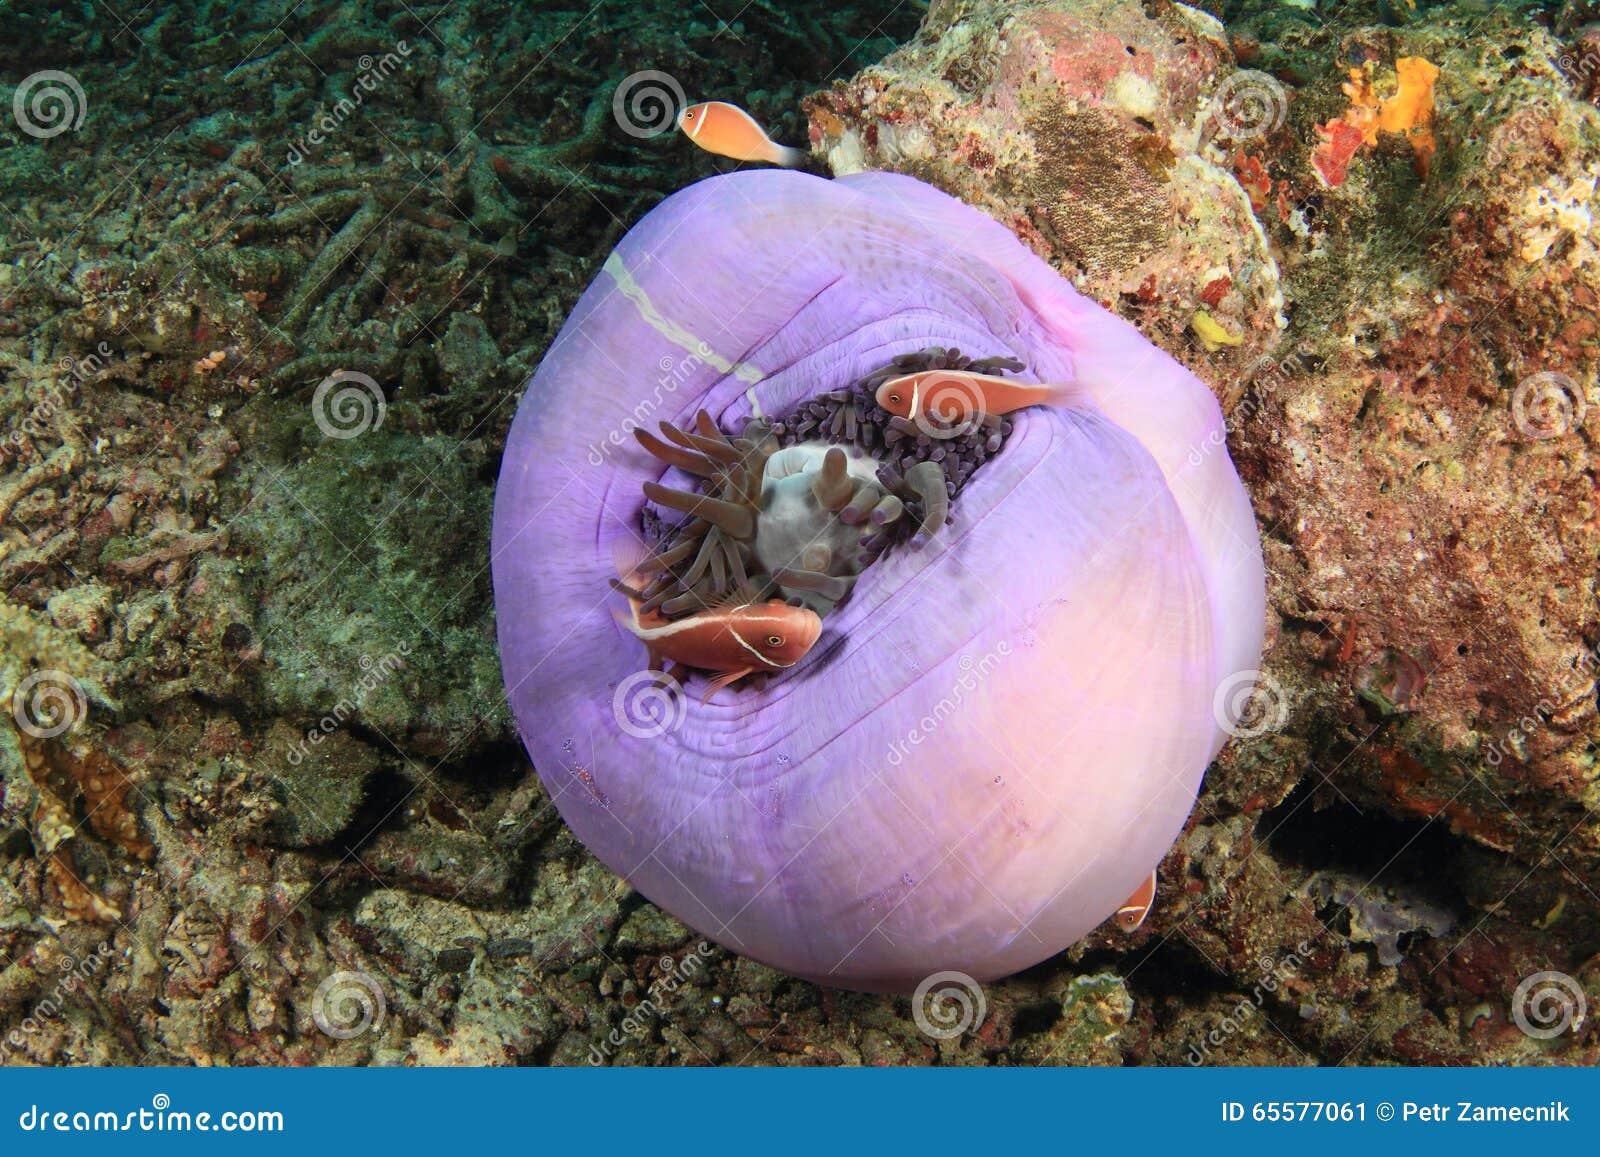 Pink anemonfish